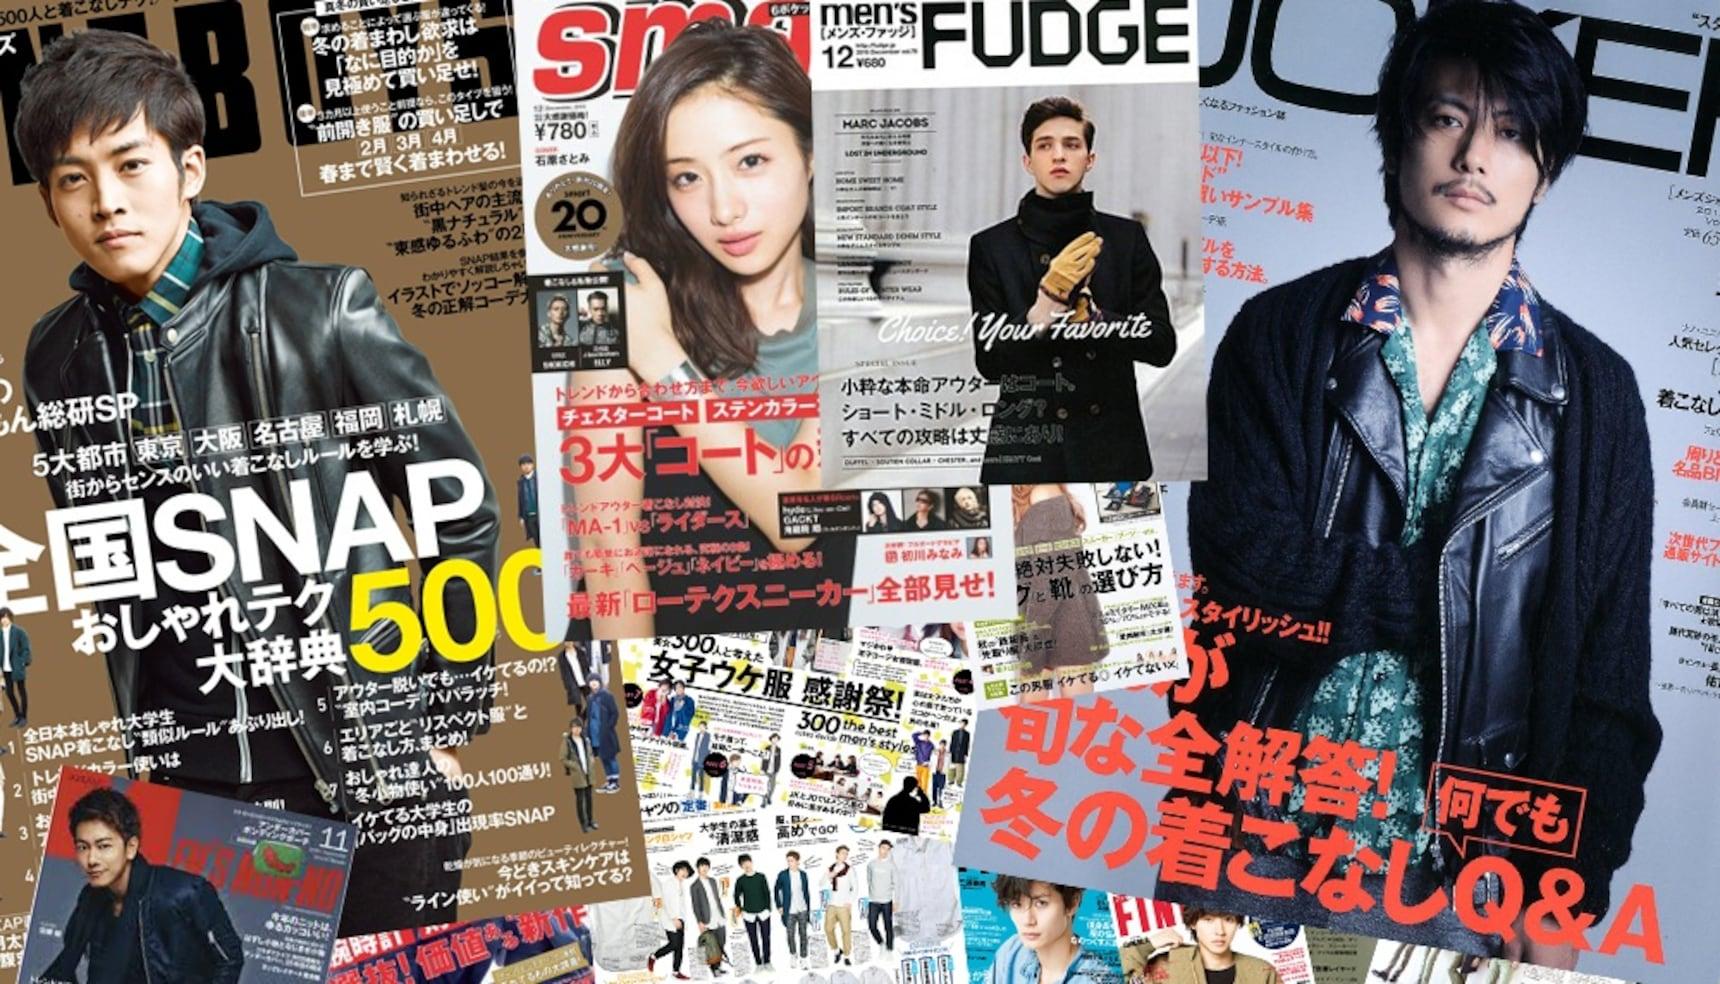 9 สไตล์นิตยสารแฟชั่นญี่ปุ่นสุดฮิป